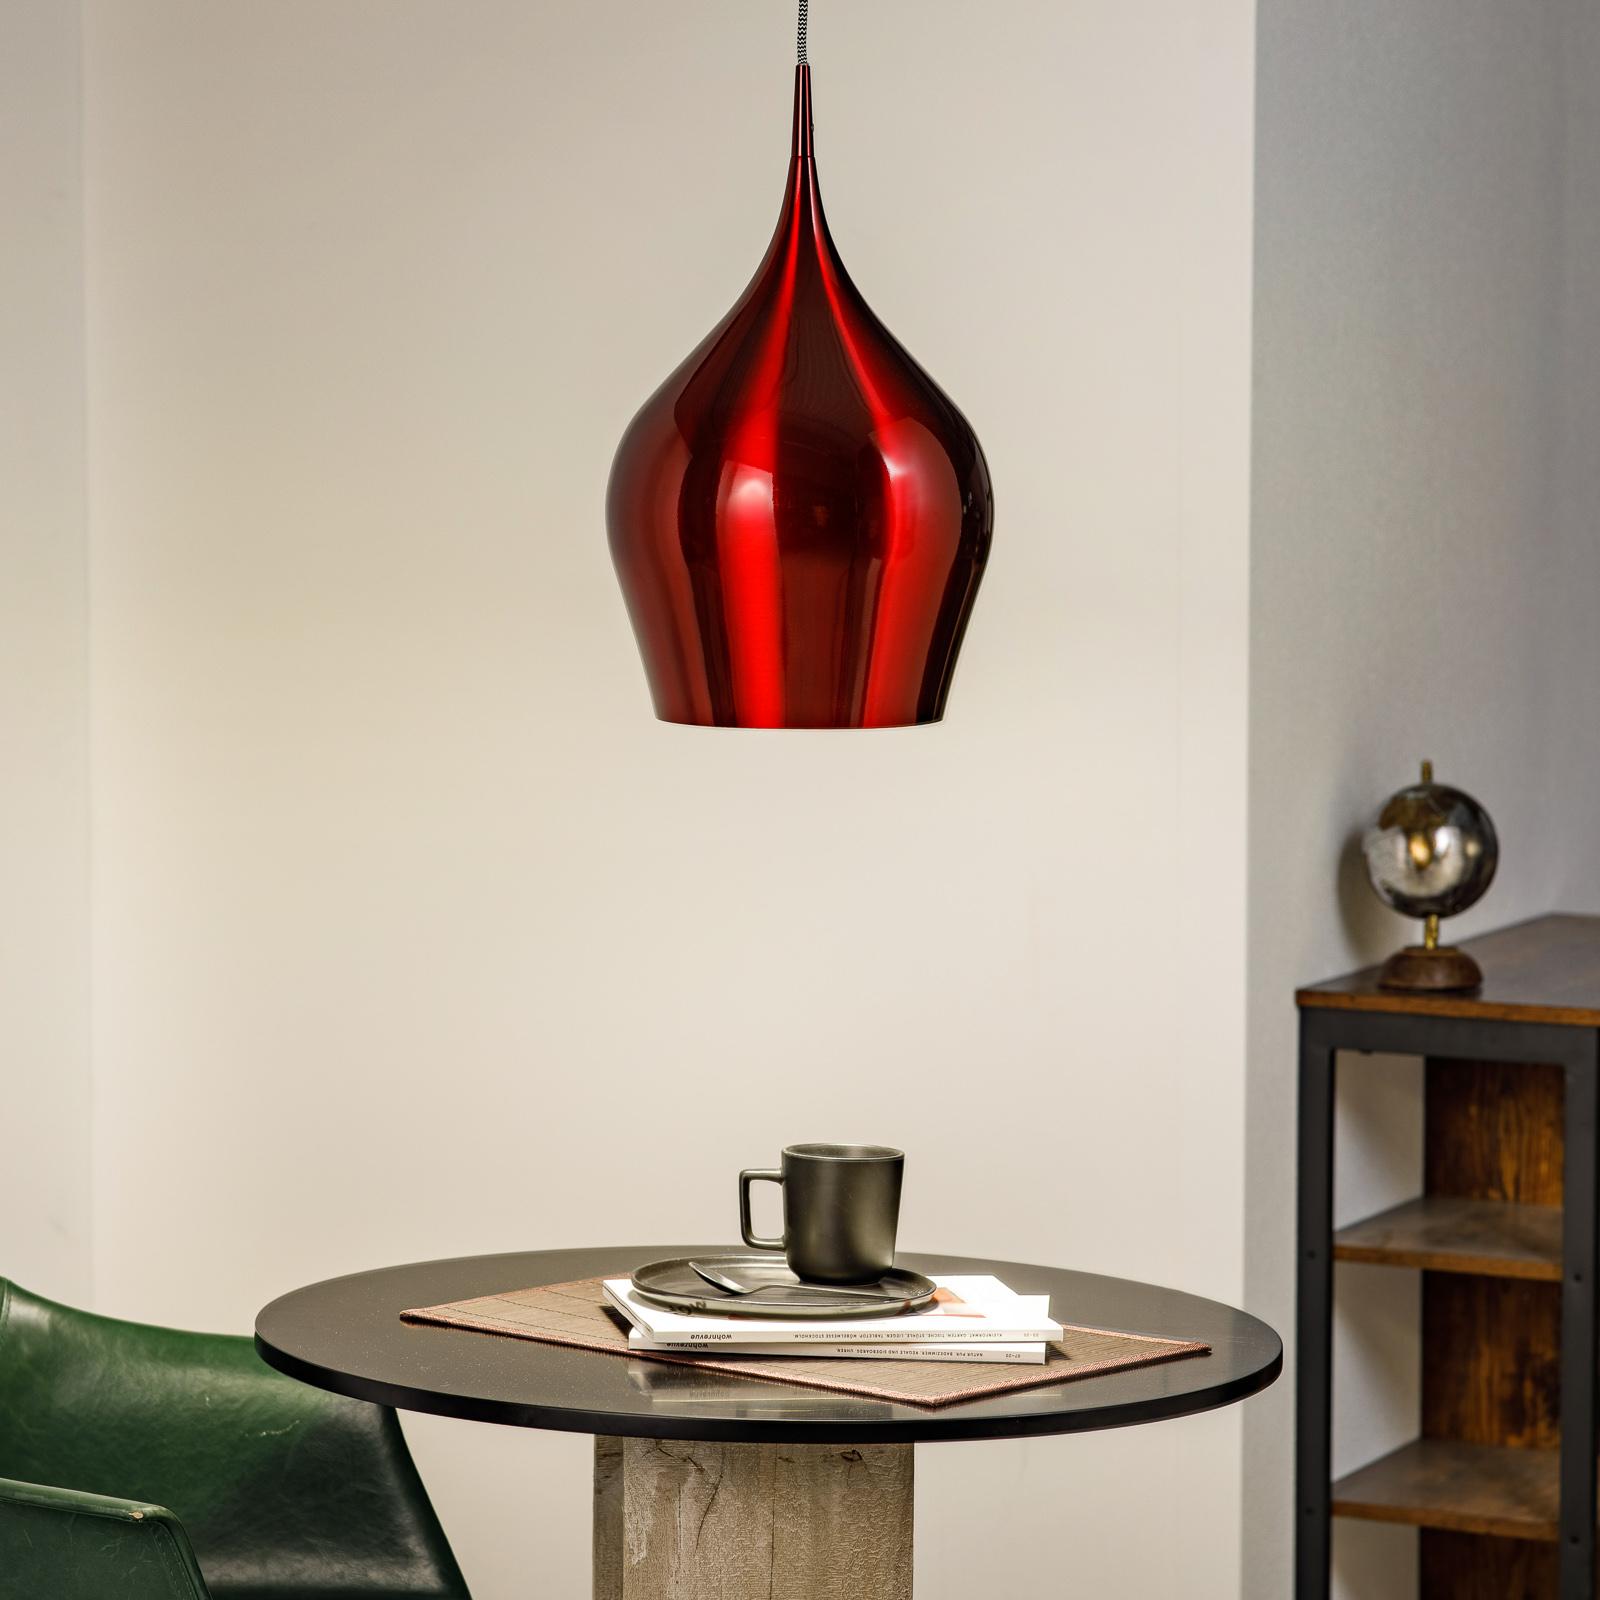 Lampa wisząca Vibrant w kolorze czerwonego wina